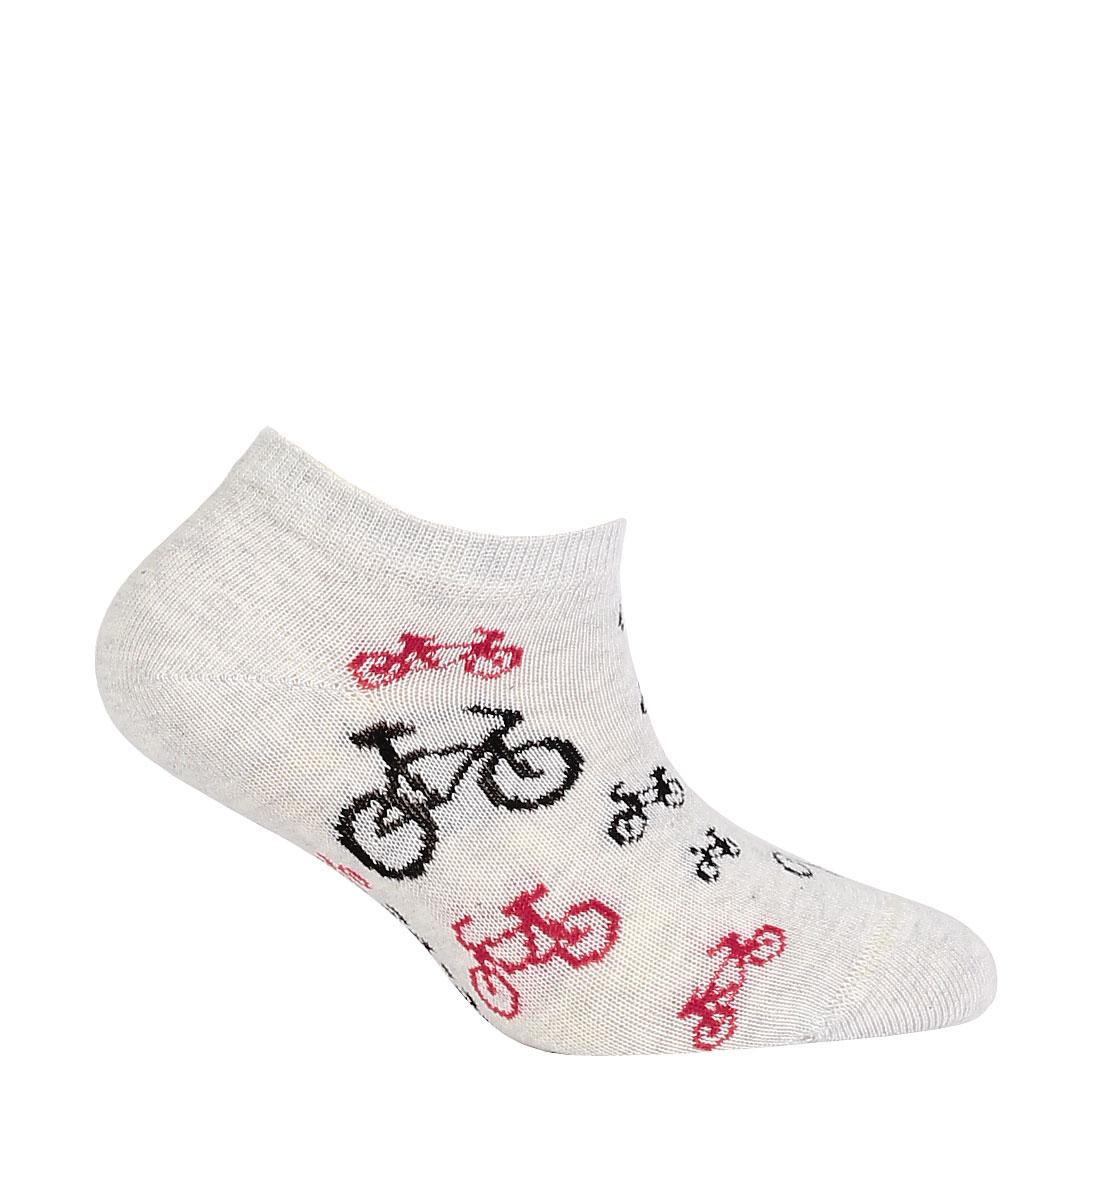 Dětské kotníkové ponožky WOLA CYKLO šedé Velikost  27-29 9464c686dd